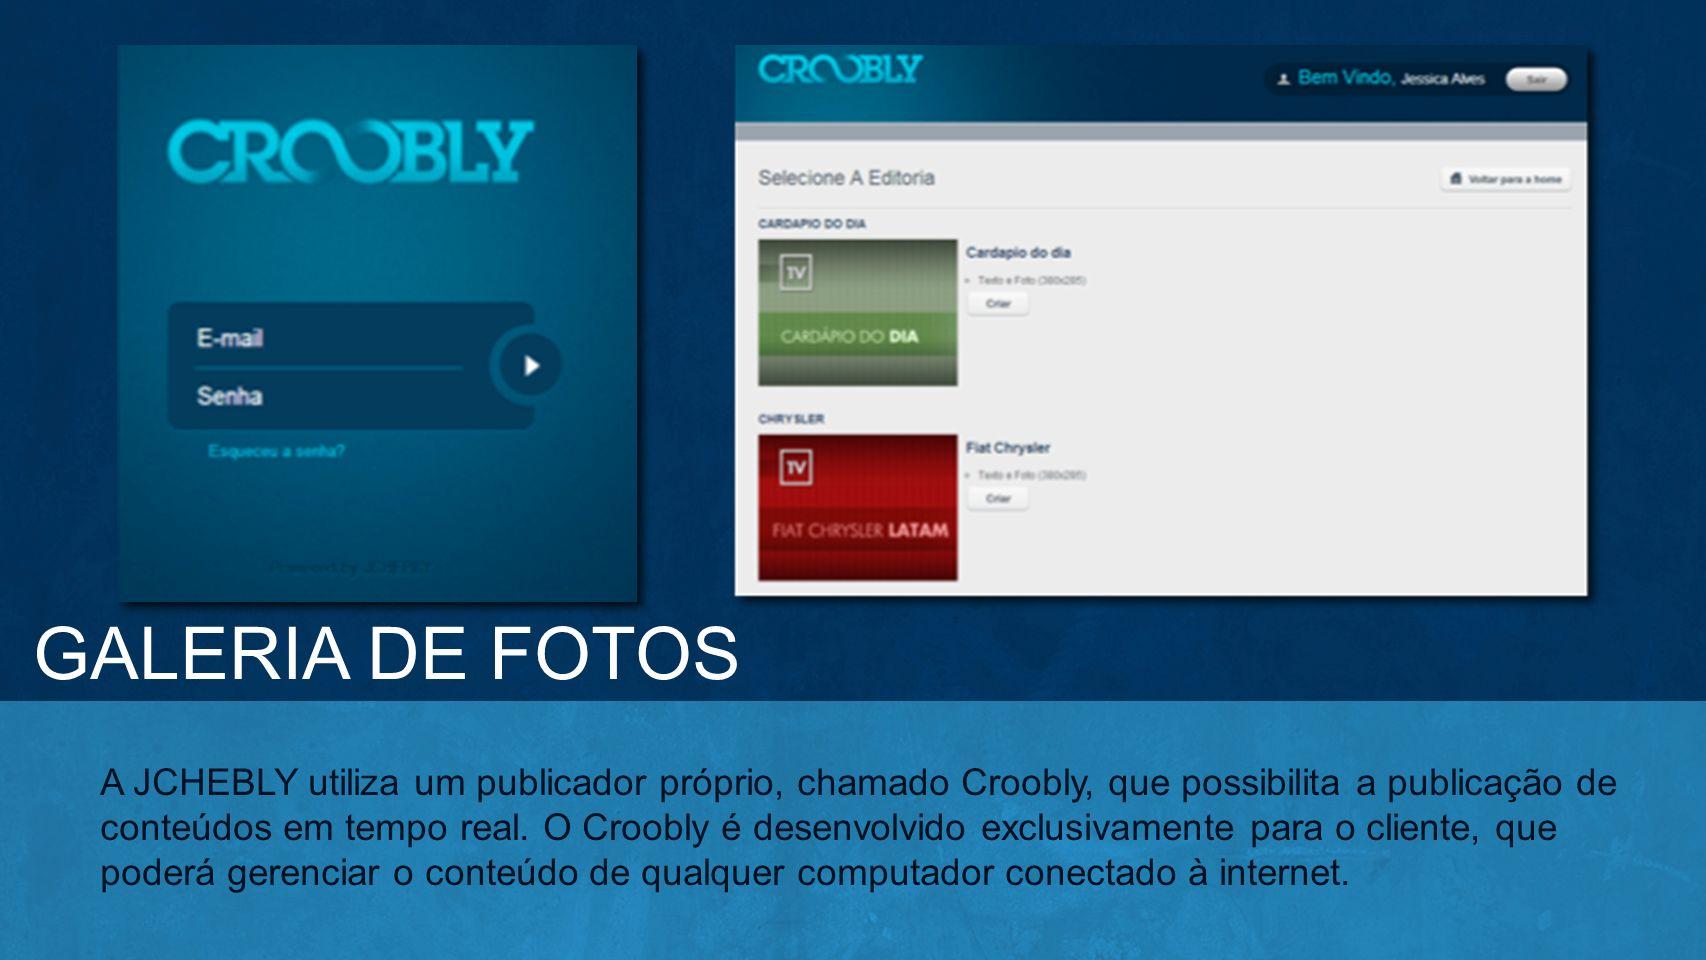 A JCHEBLY utiliza um publicador próprio, chamado Croobly, que possibilita a publicação de conteúdos em tempo real. O Croobly é desenvolvido exclusivam